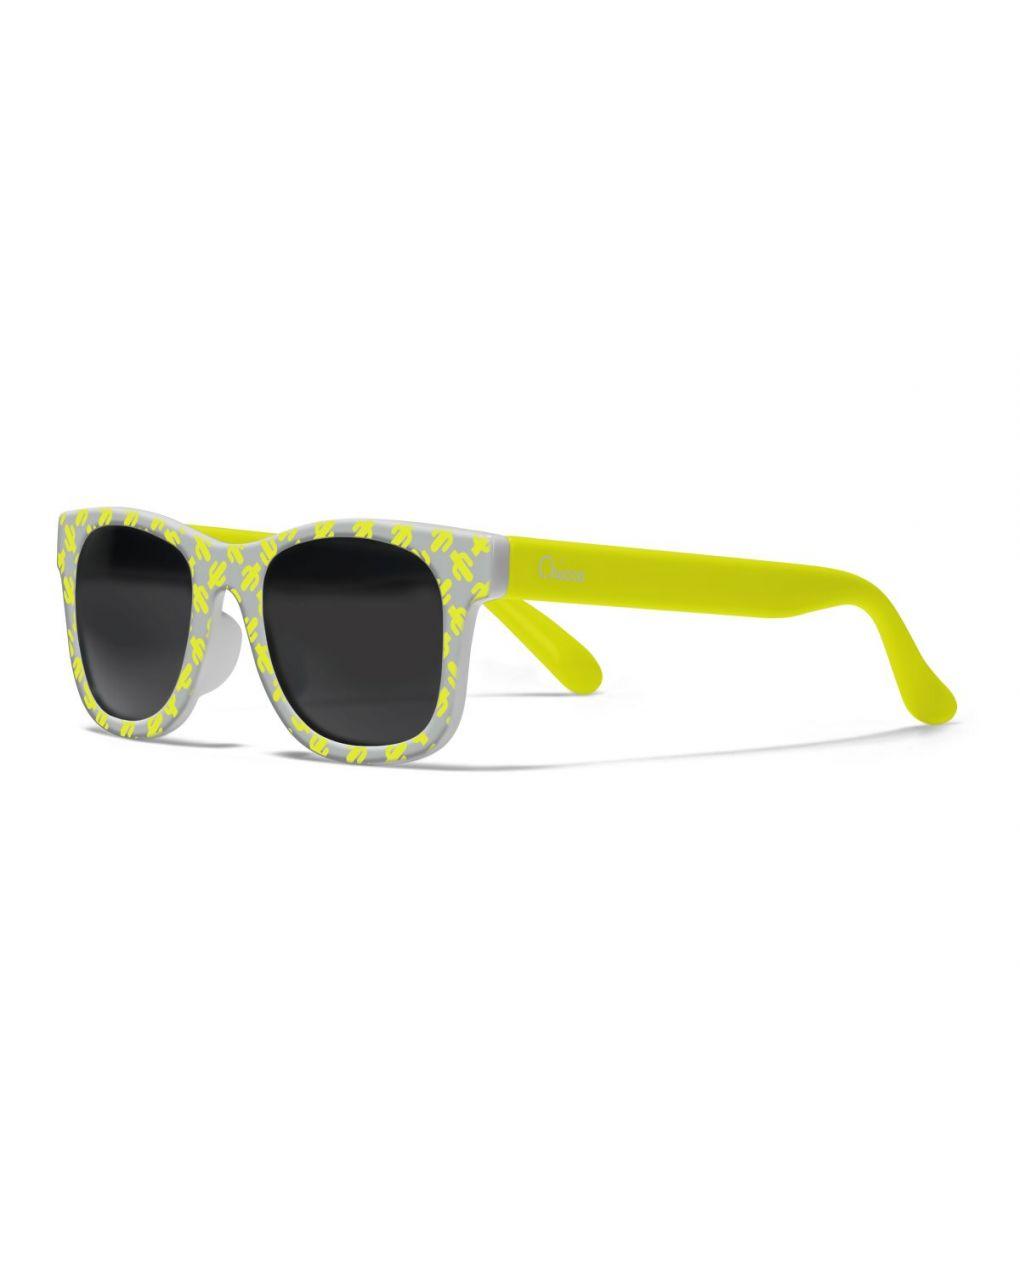 Chicco occhiali da sole 24m+ bimbo - Chicco